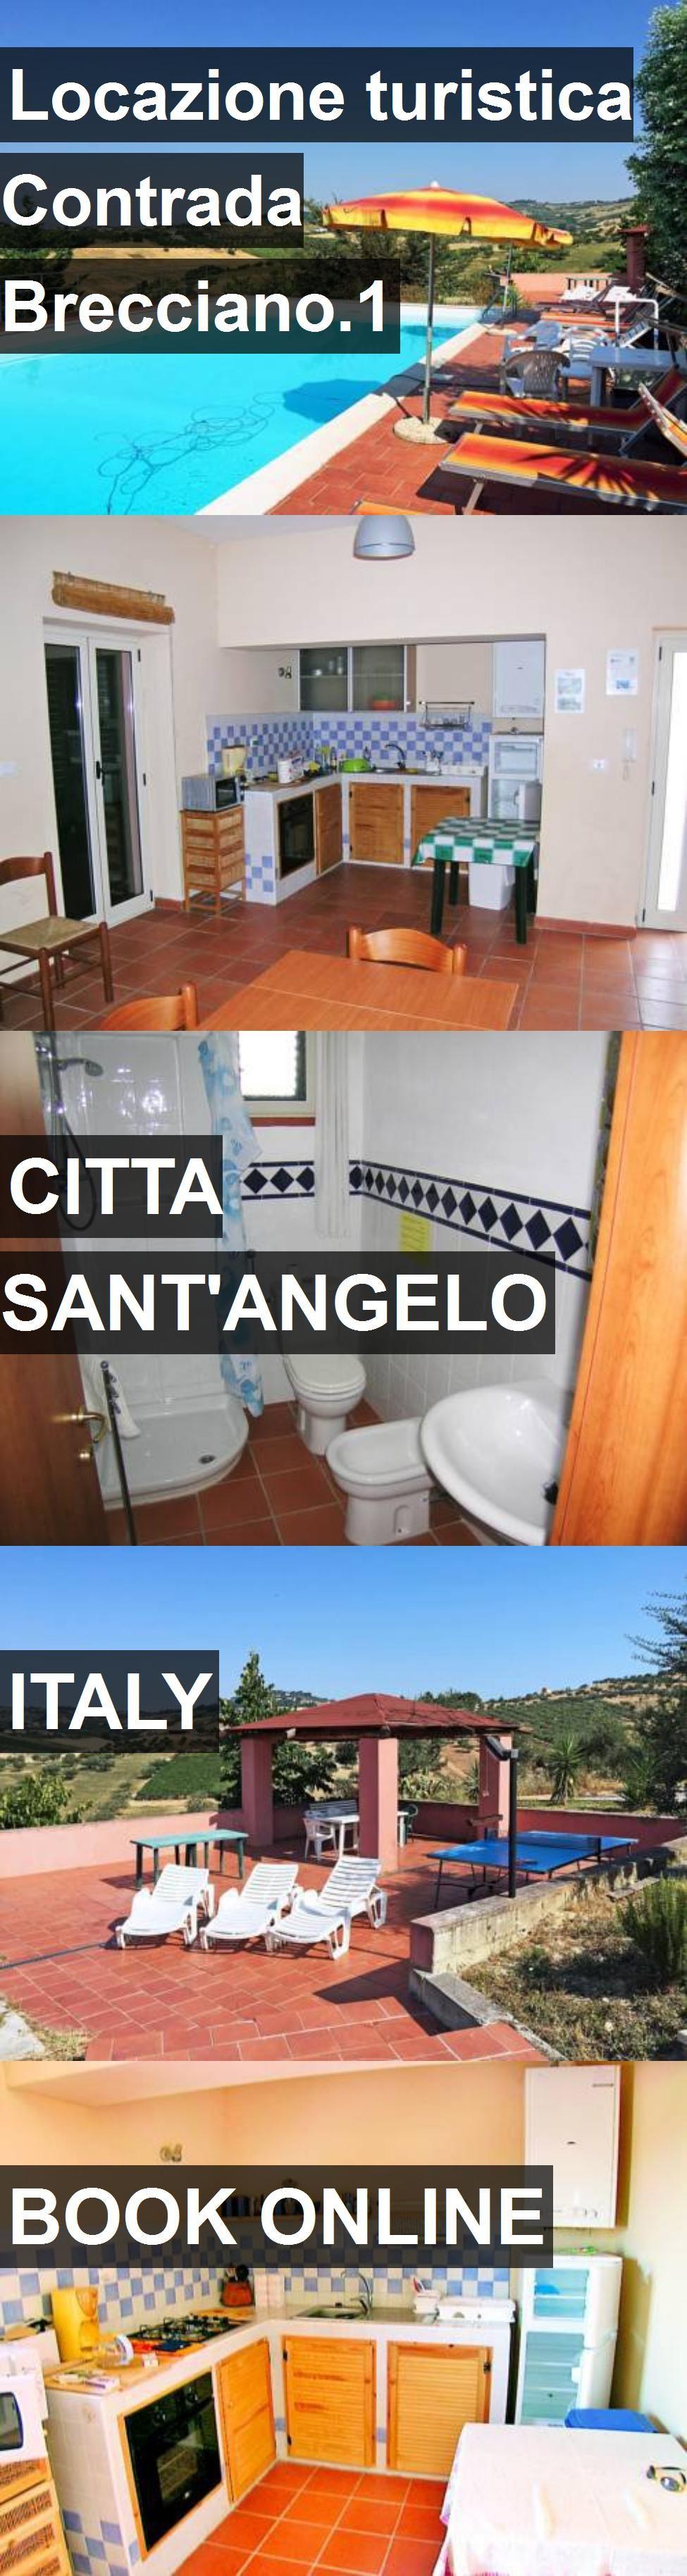 Hotel Locazione turistica Contrada Brecciano.1 in Citta